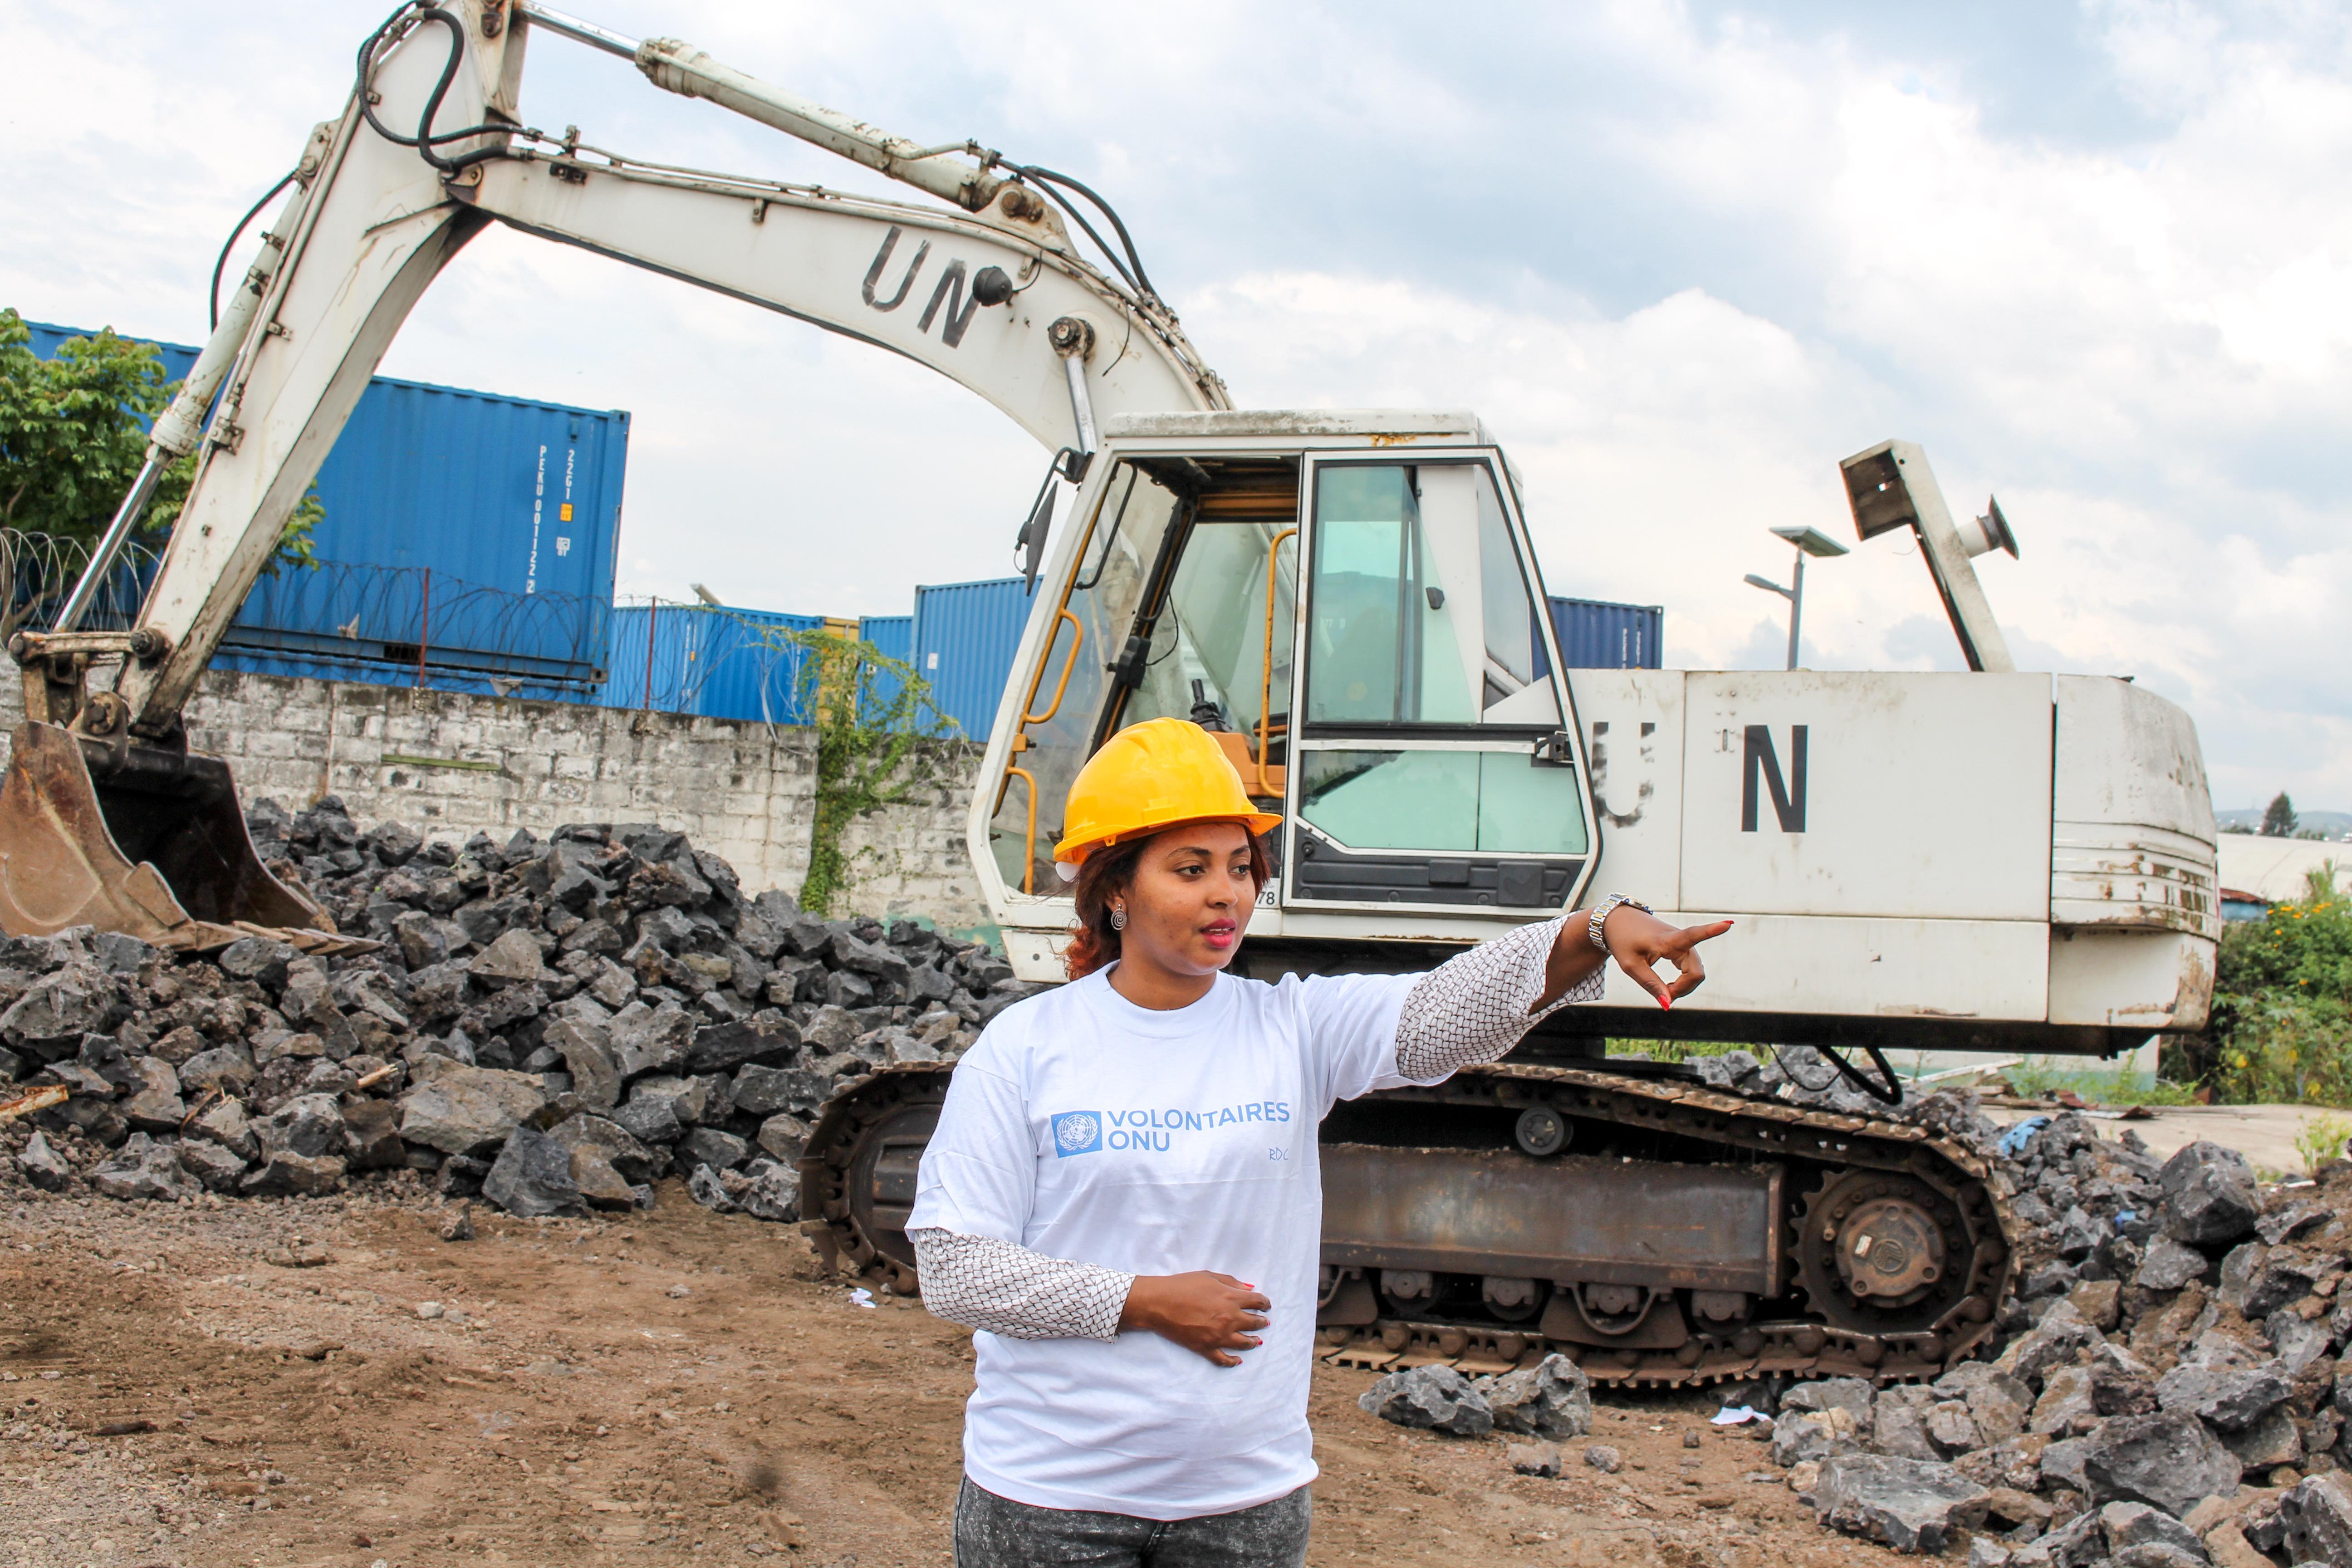 Hanan Ahmed, Volontaire ONU internationale supervise les travaux de l'aérogare de l'aéroport de Goma (Nord Kivu), en République Démocratique du Congo (Faivre, programme VNU, 2016).